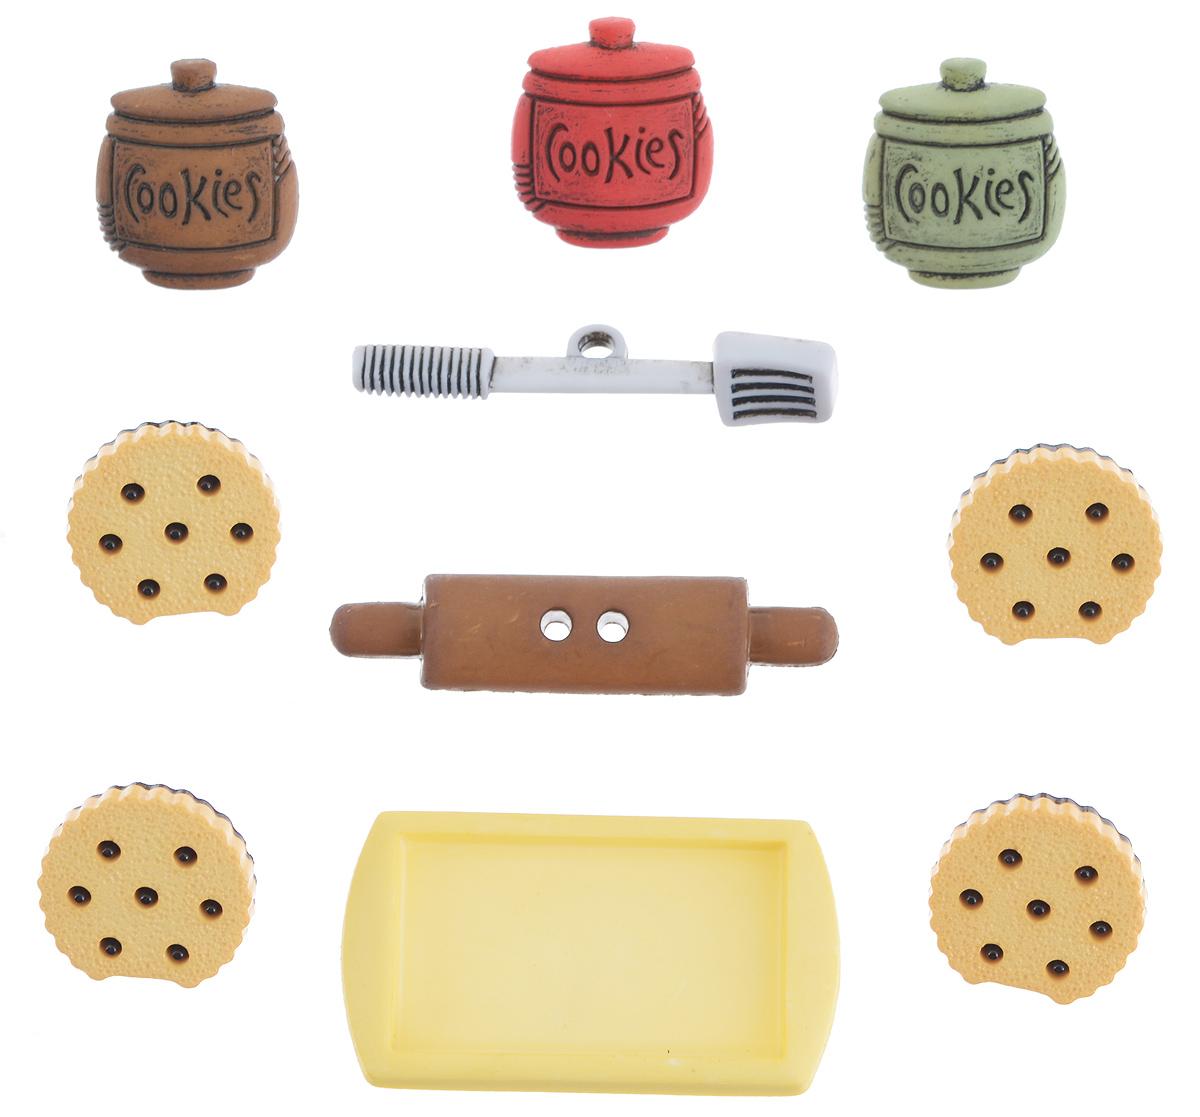 Набор пуговиц и фигурок Buttons Galore & More Cookie Jar, 10 шт7705862Набор Buttons Galore & More Cookie Jar состоит из 8 декоративных пуговиц на ножке, 1 декоративной пуговицы с отверстиями и 1 декоративного элемента, который можно приклеить. Все элементы выполнены из пластика в форме разнообразных фигур. Такой набор подходит для любых видов творчества: скрапбукинга, декорирования, шитья, изготовления кукол, а также для оформления одежды. С их помощью вы сможете украсить открытку, фотографию, альбом, подарок и другие предметы ручной работы. Все элементы выполнены в разных цветах и формах, имеют оригинальный и яркий дизайн. Средний размер элементов: 1,8 см х 1,5 см х 0,4 см.